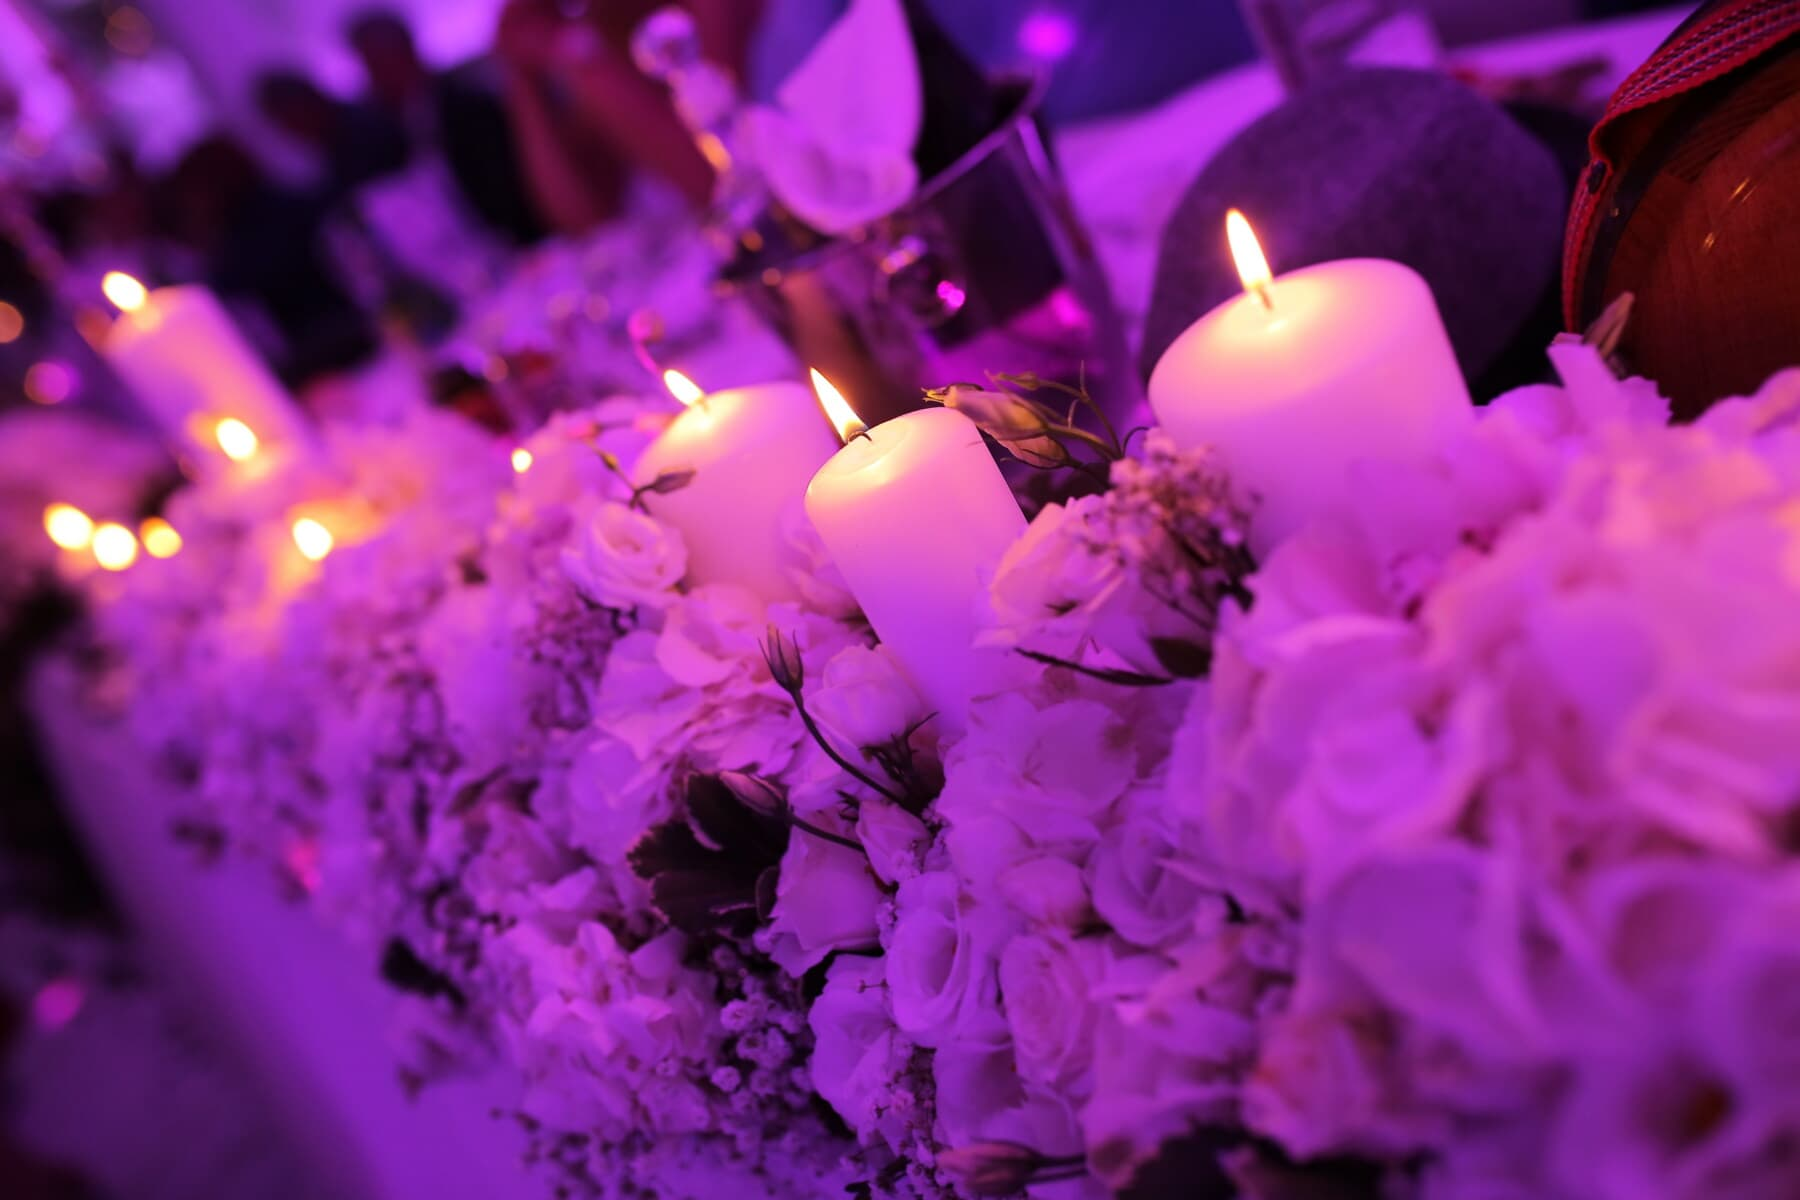 blanc, élégance, bougies, Rose, fleur, bougie, flamme, lumière, célébration, aux chandelles